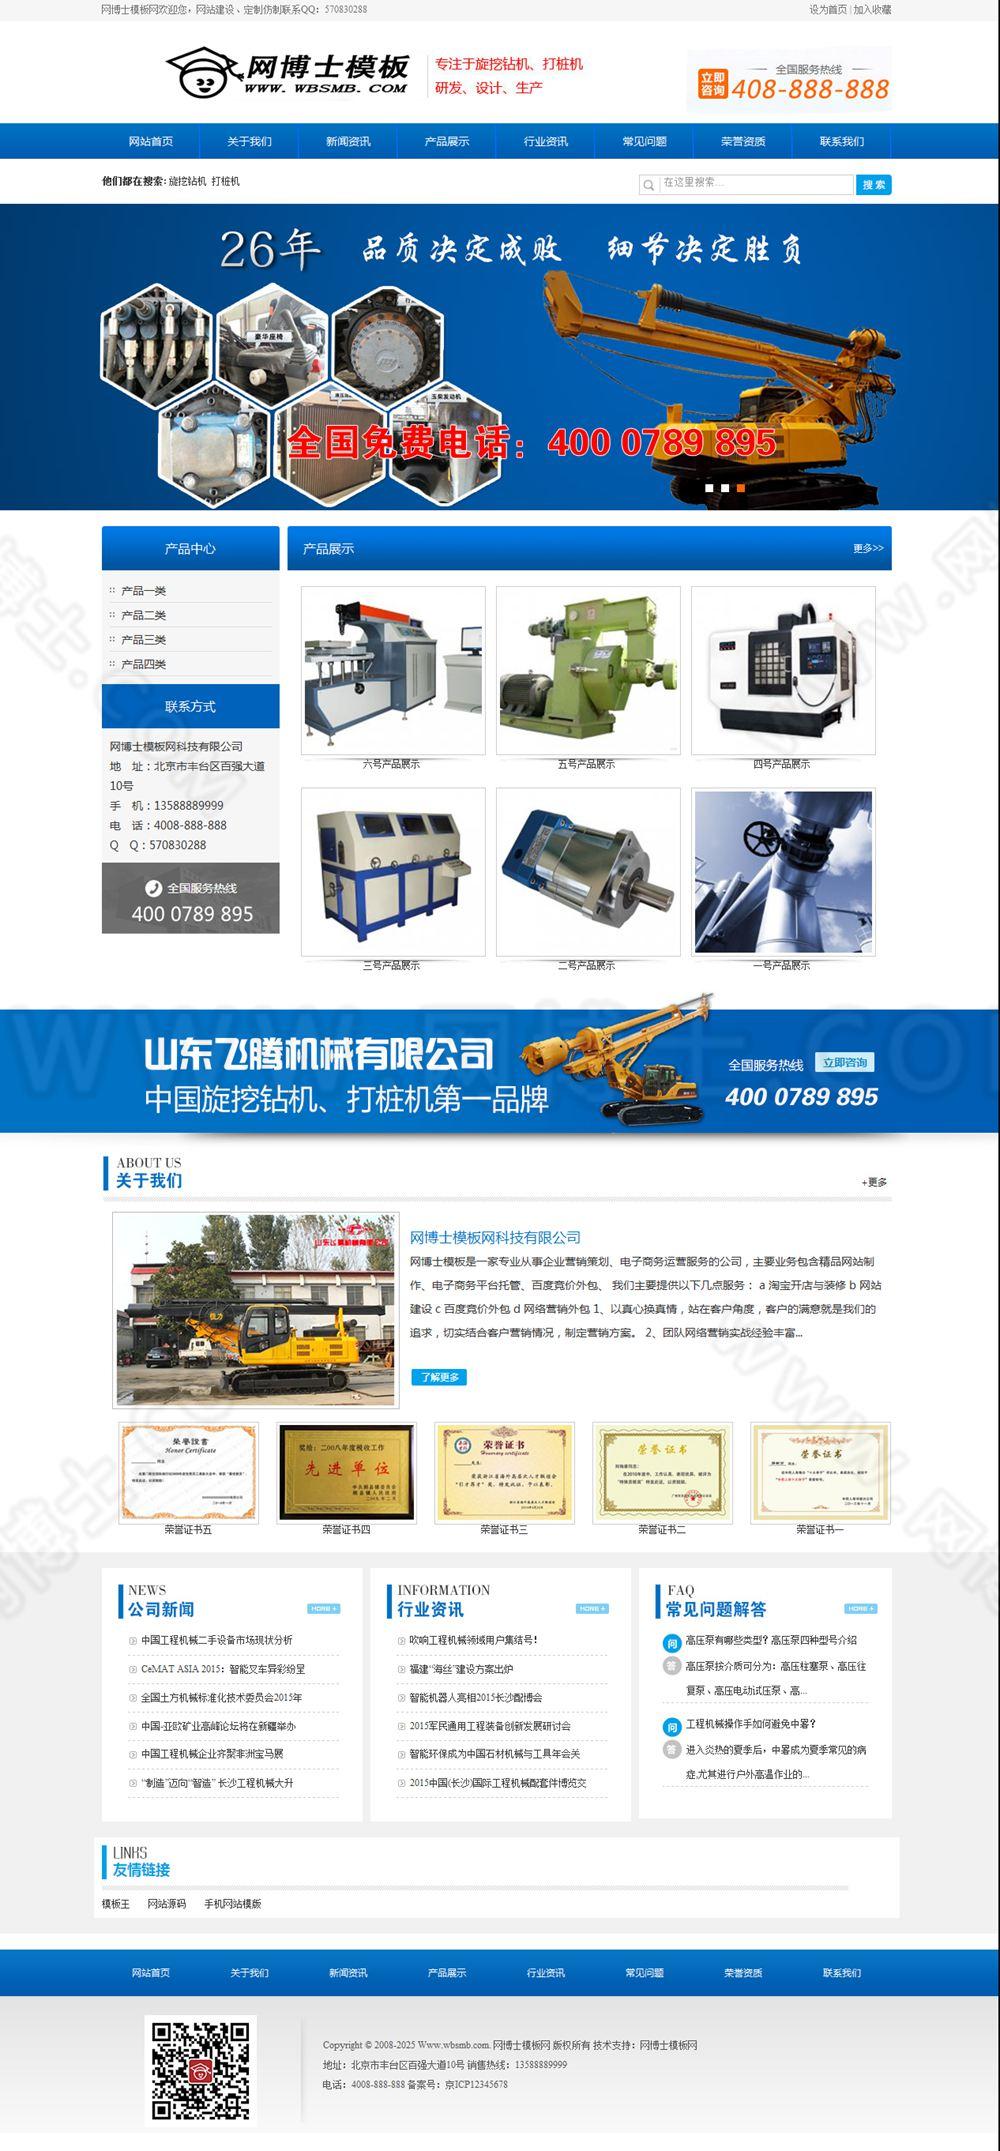 机械挖掘机钻机类产品企业网站模板